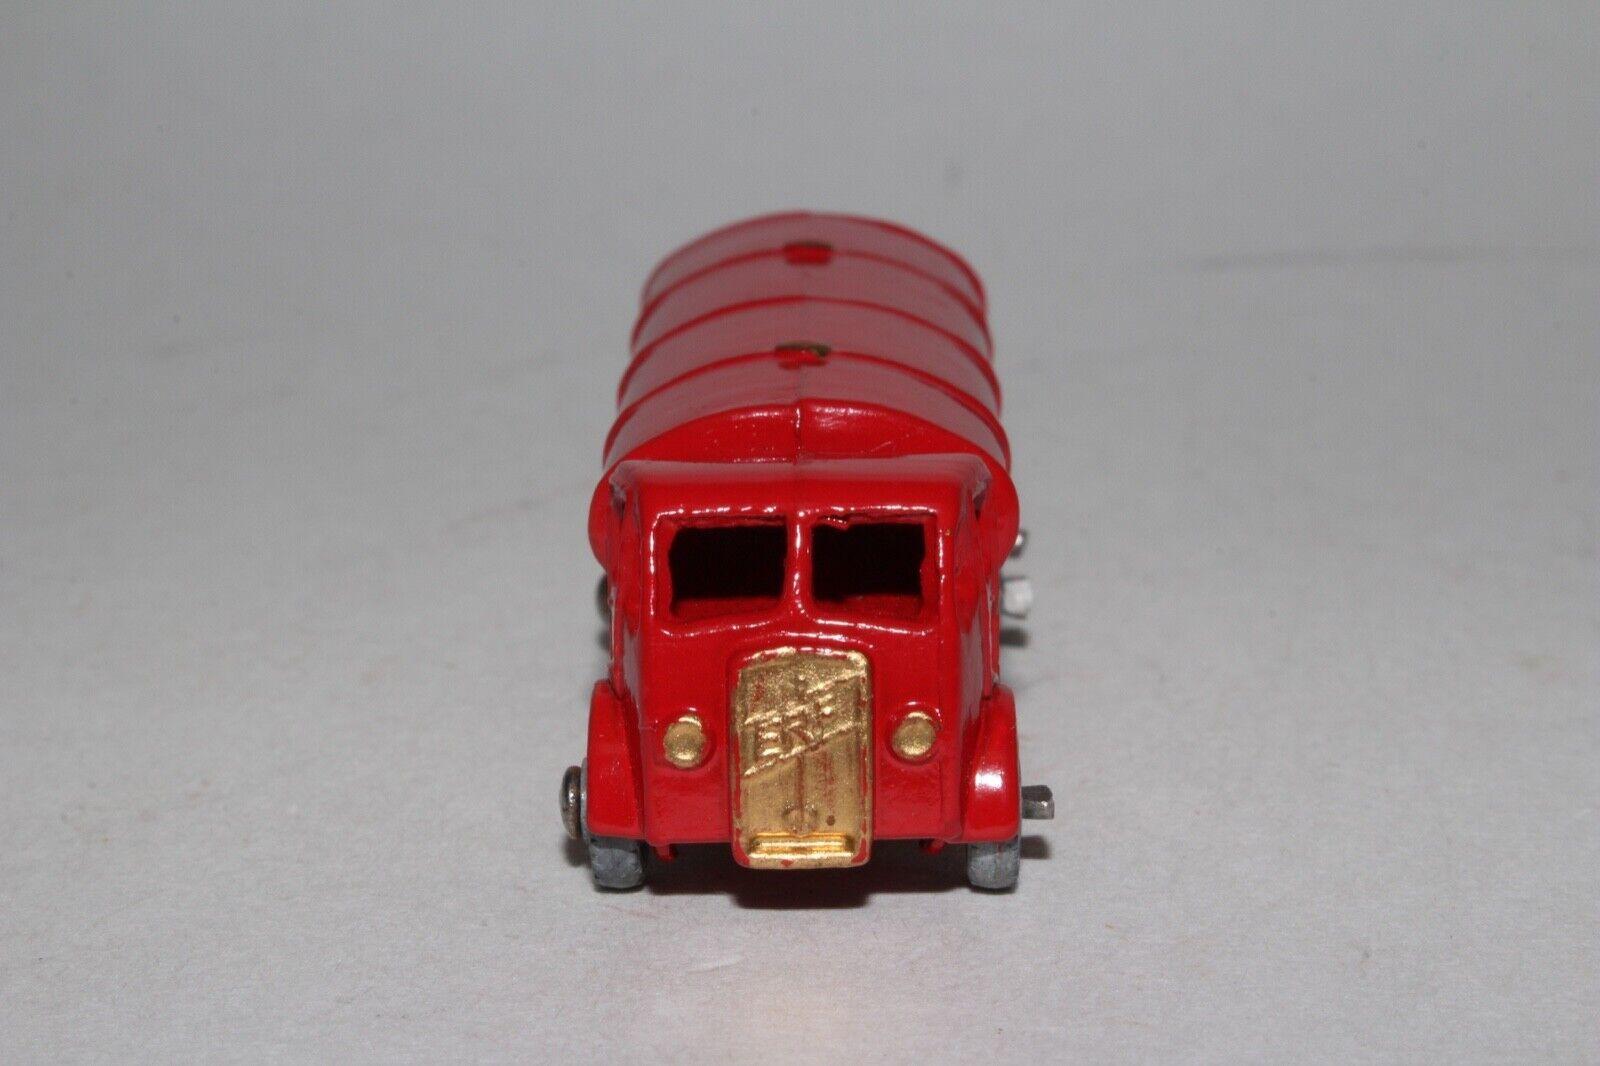 MATCHBOX LESNEY A ERF PETROL GASOLINE TANKER, TANKER, TANKER, RED, gold TANK TRIM, NICE 89500d